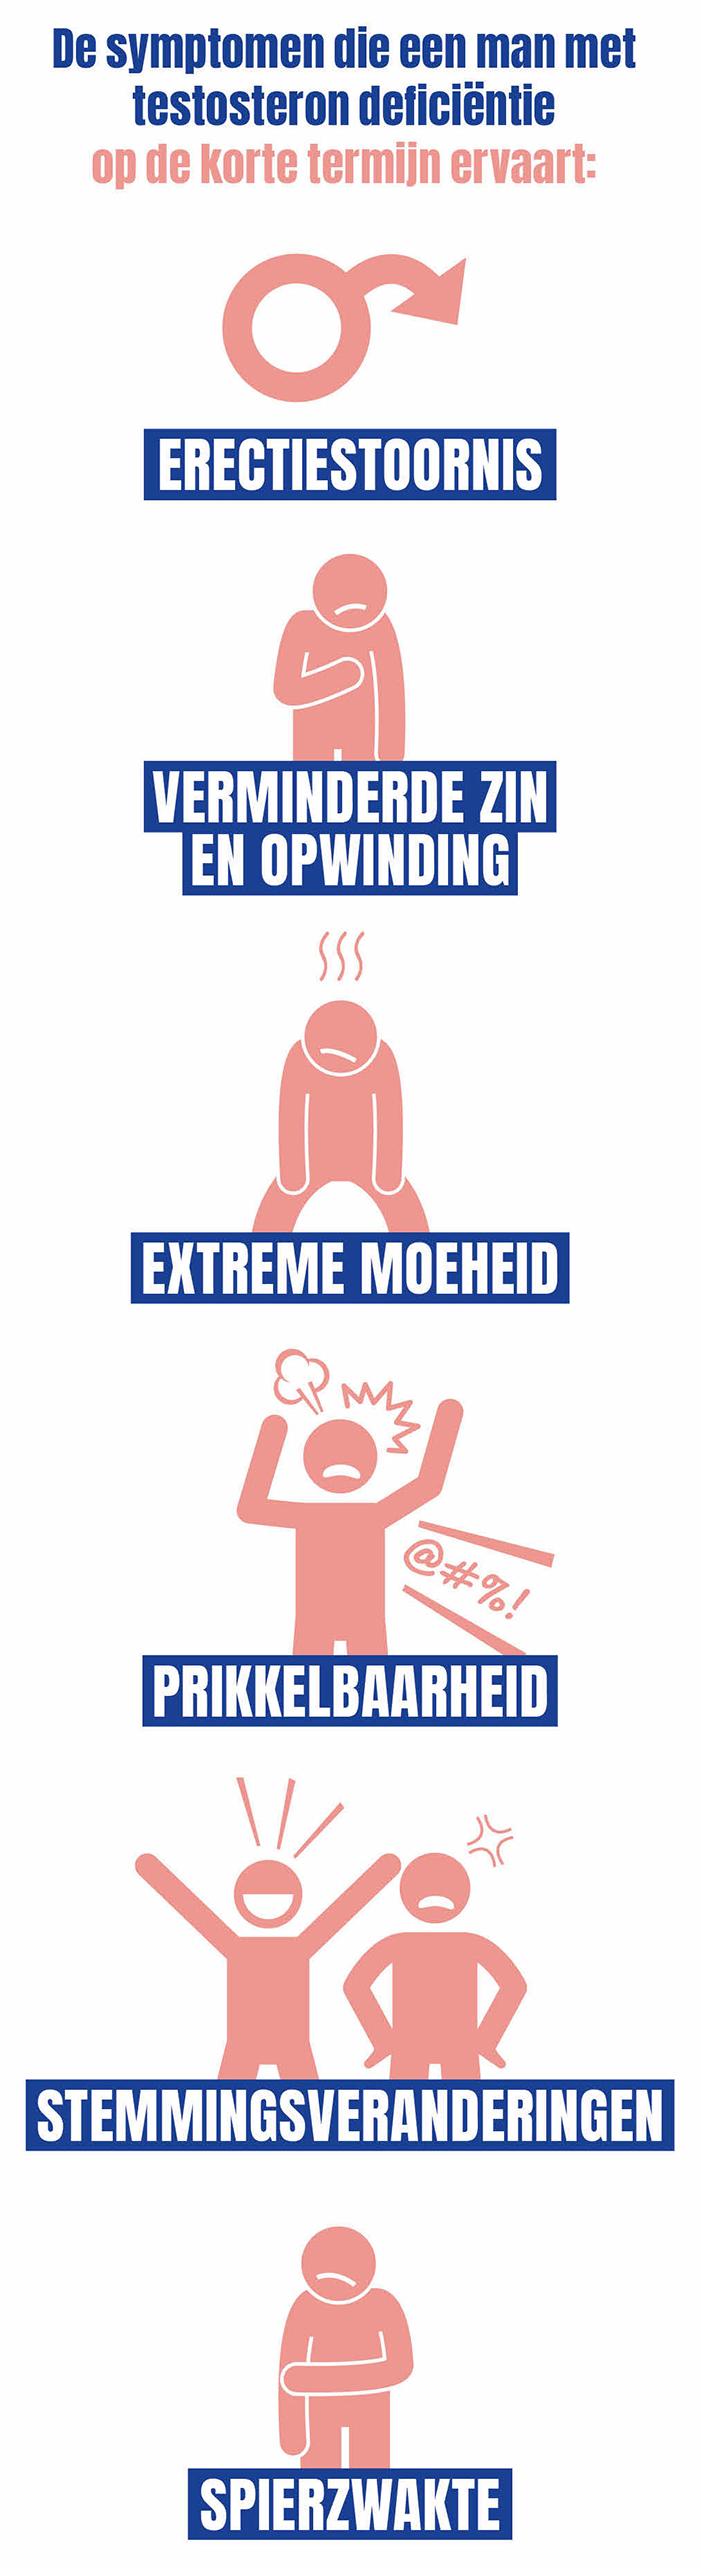 De symptomen van testosterondeficiëntie: erectiestoornis, verminderde zin en opwinding, extreme moeheid, prikkelbaarheid, stemmingsveranderingen en spierzwakte.